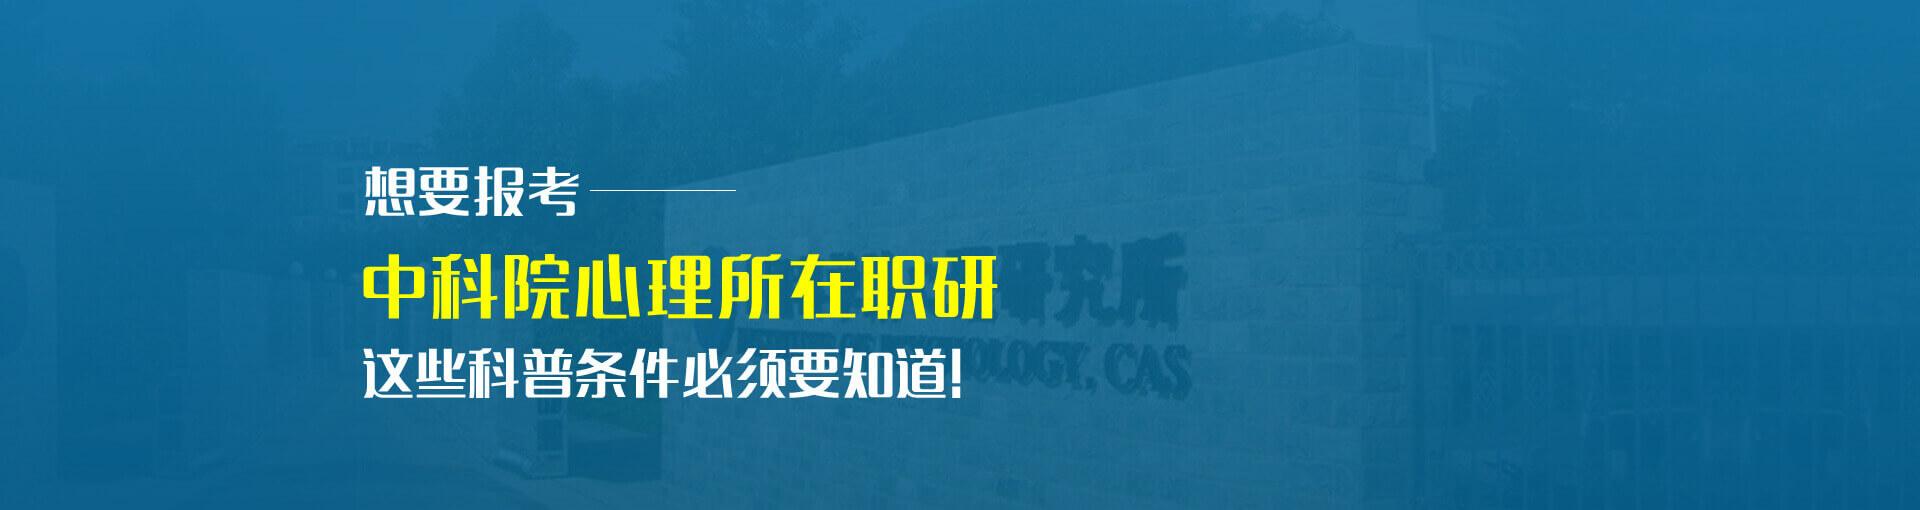 2019年中国科学院心理研究所在职研究生报考条件是什么?